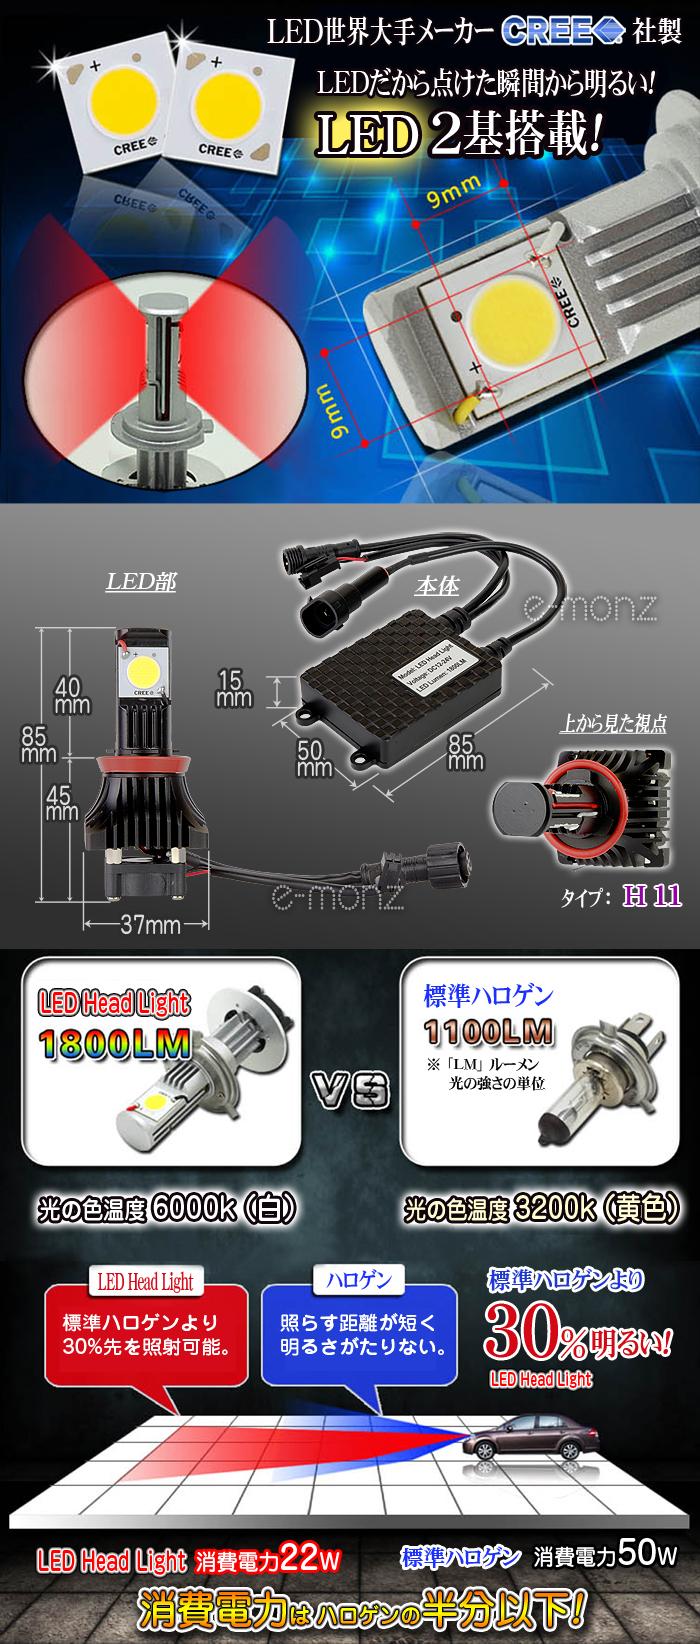 LEDヘッドライト用バルブ H11 CREE製チップなので安心